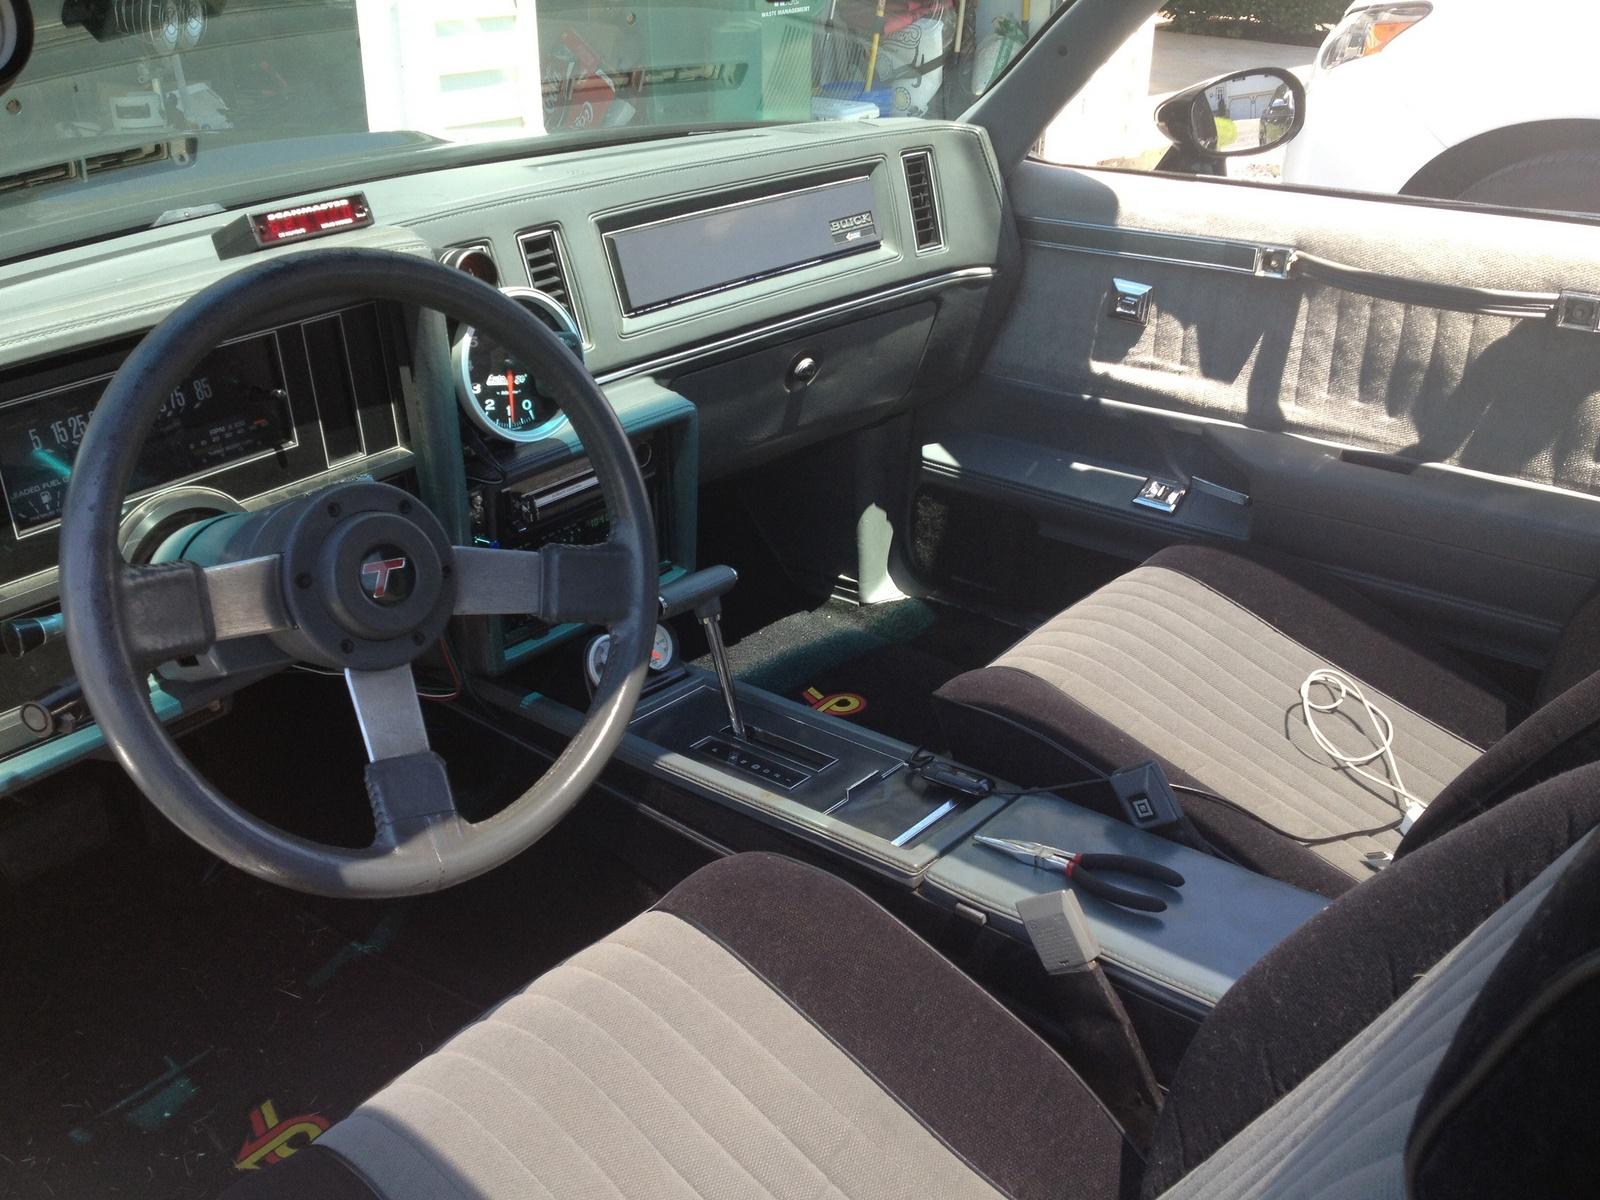 1987 buick regal interior pictures cargurus - 1987 buick grand national interior ...